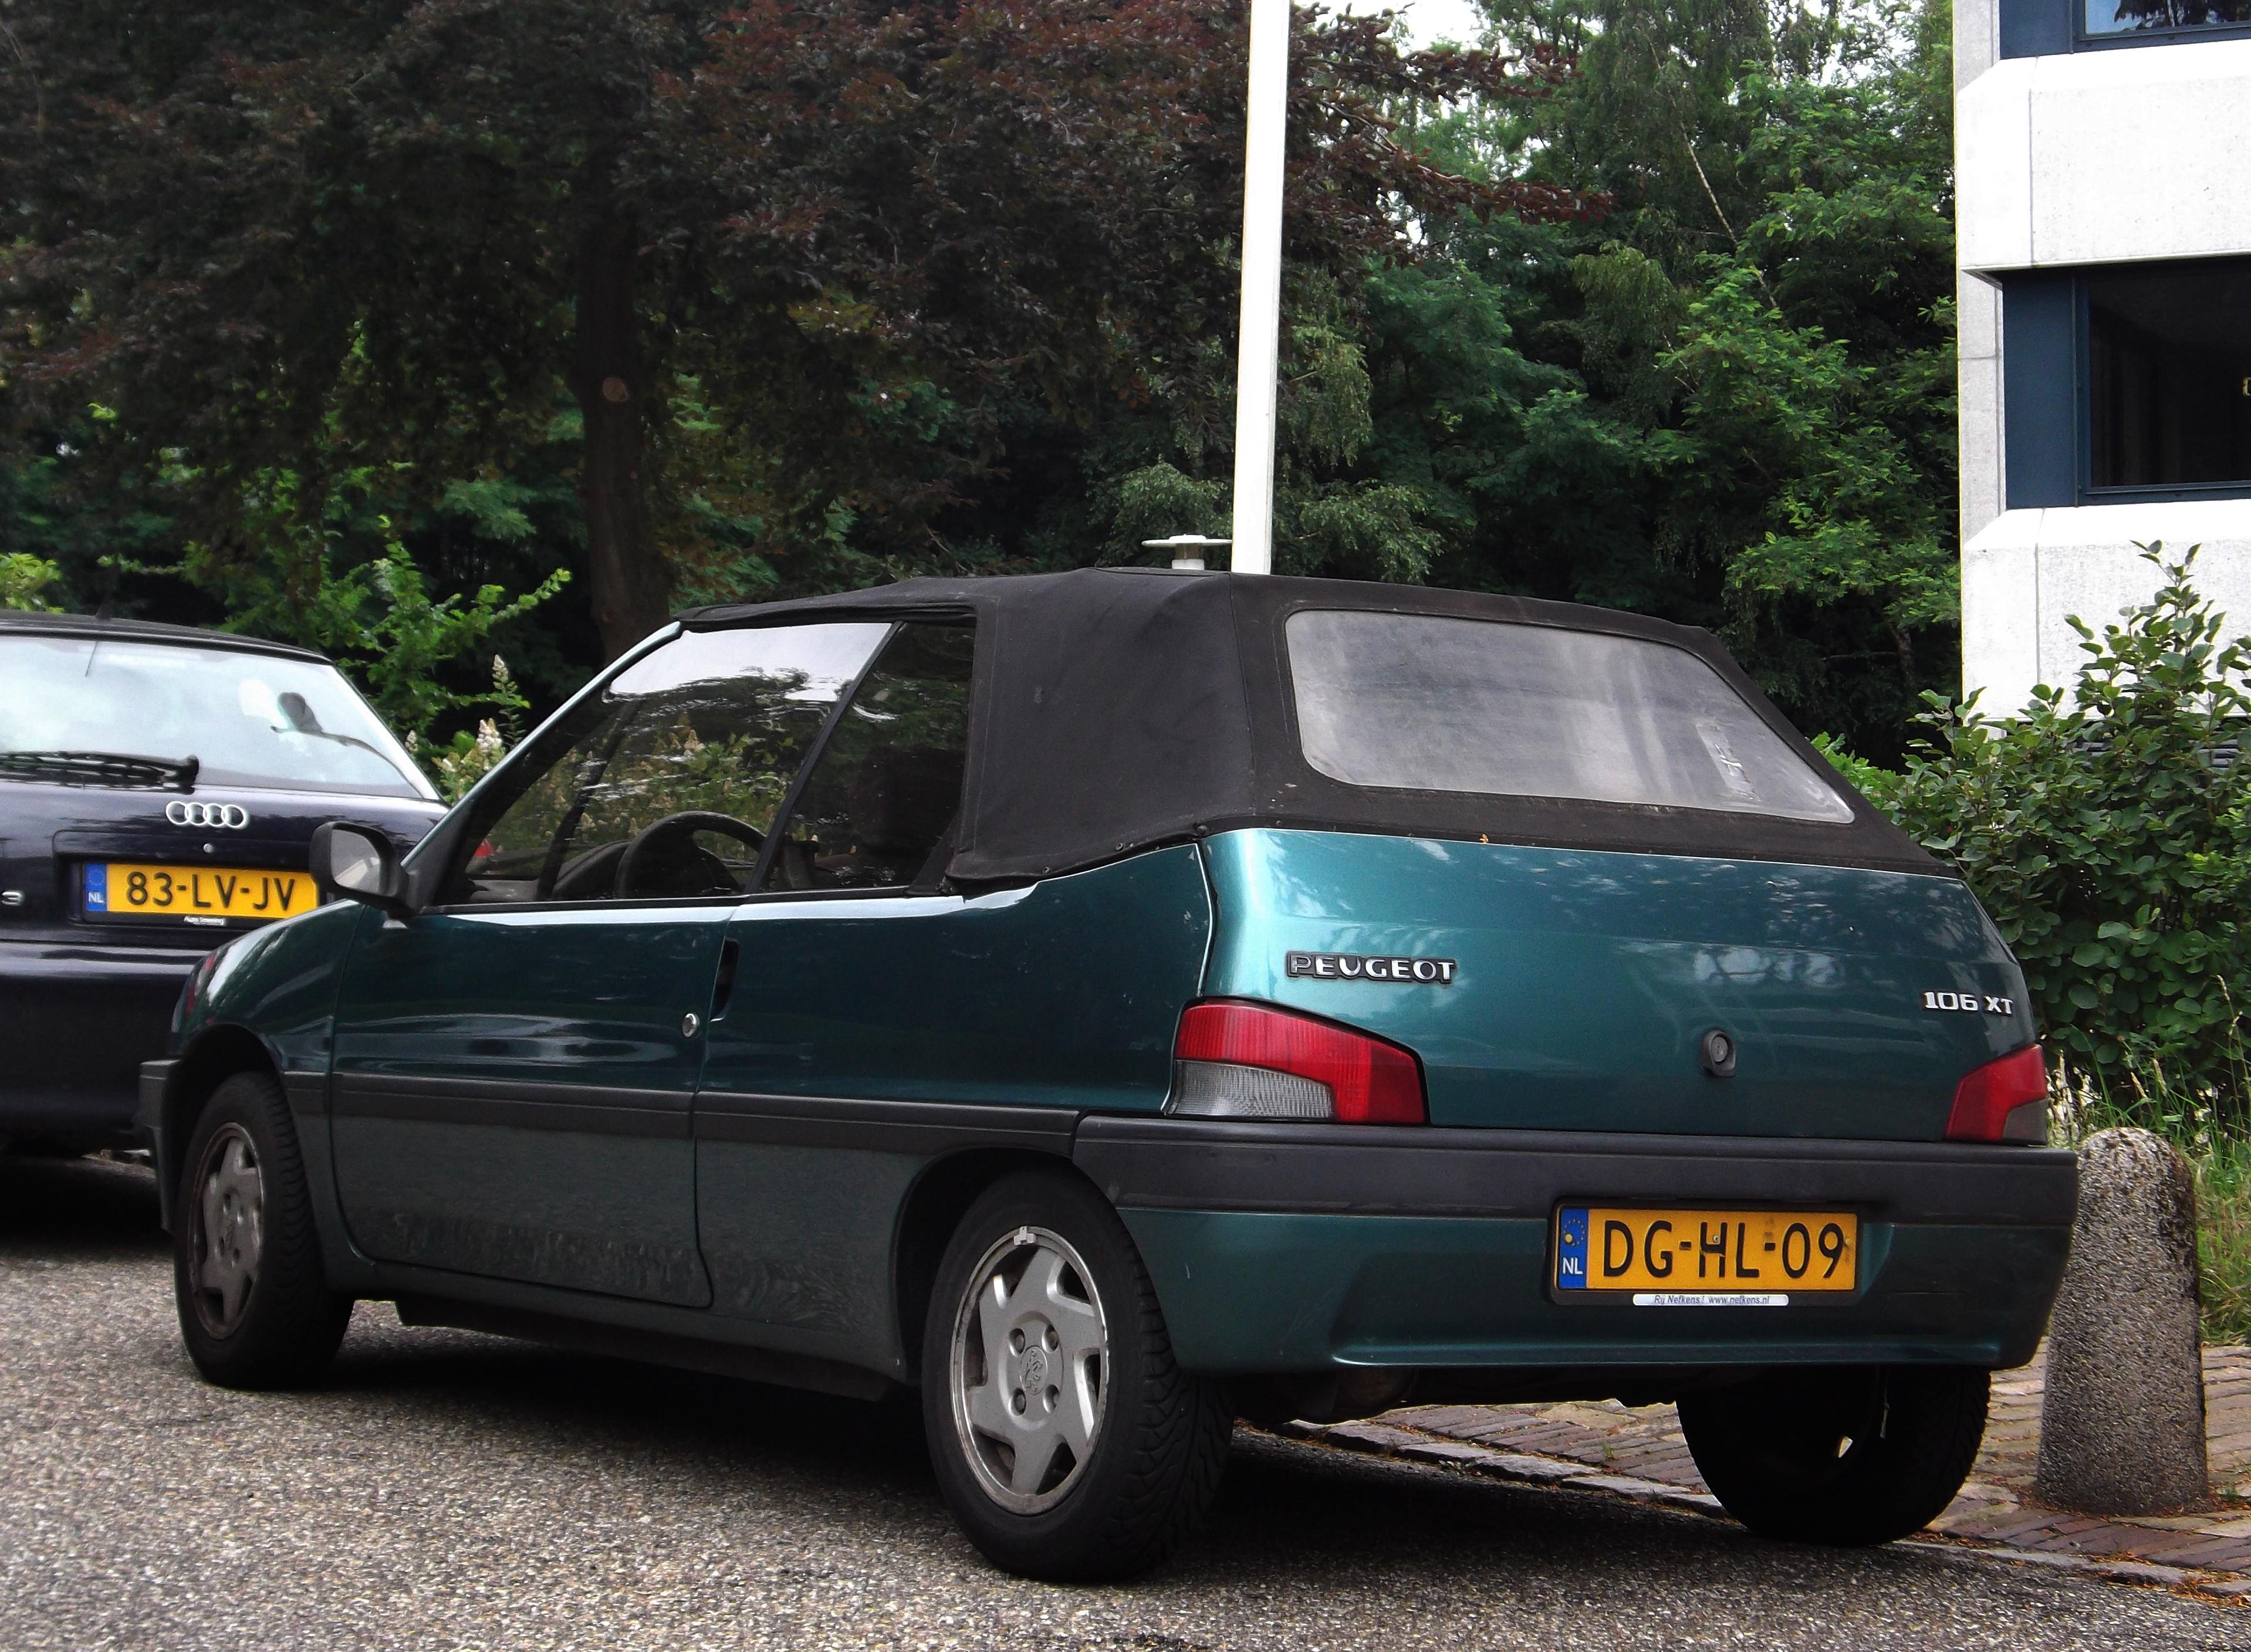 מתוחכם File:Peugeot 106 1.4 XT (9402320106).jpg - Wikimedia Commons WJ-57